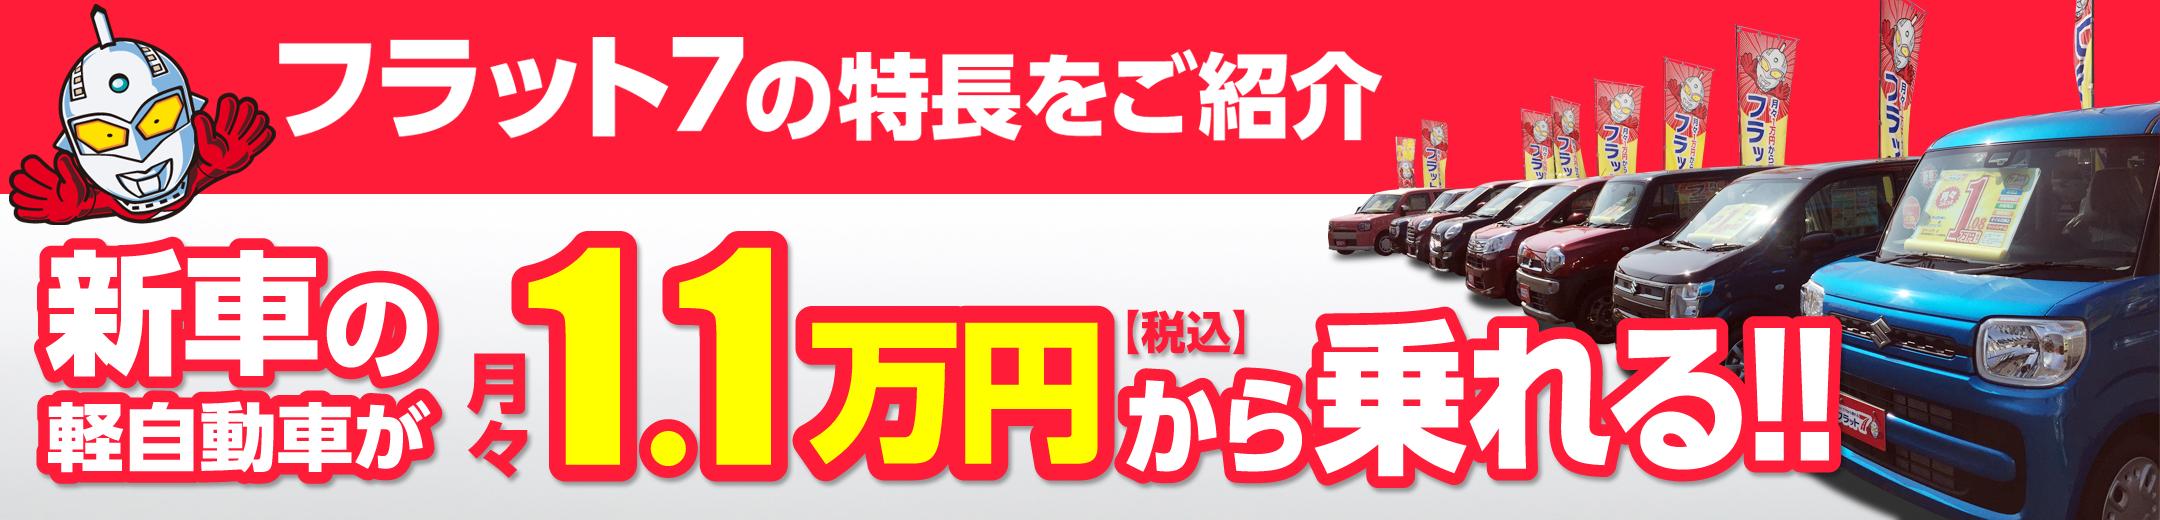 【フラット7】新車販売